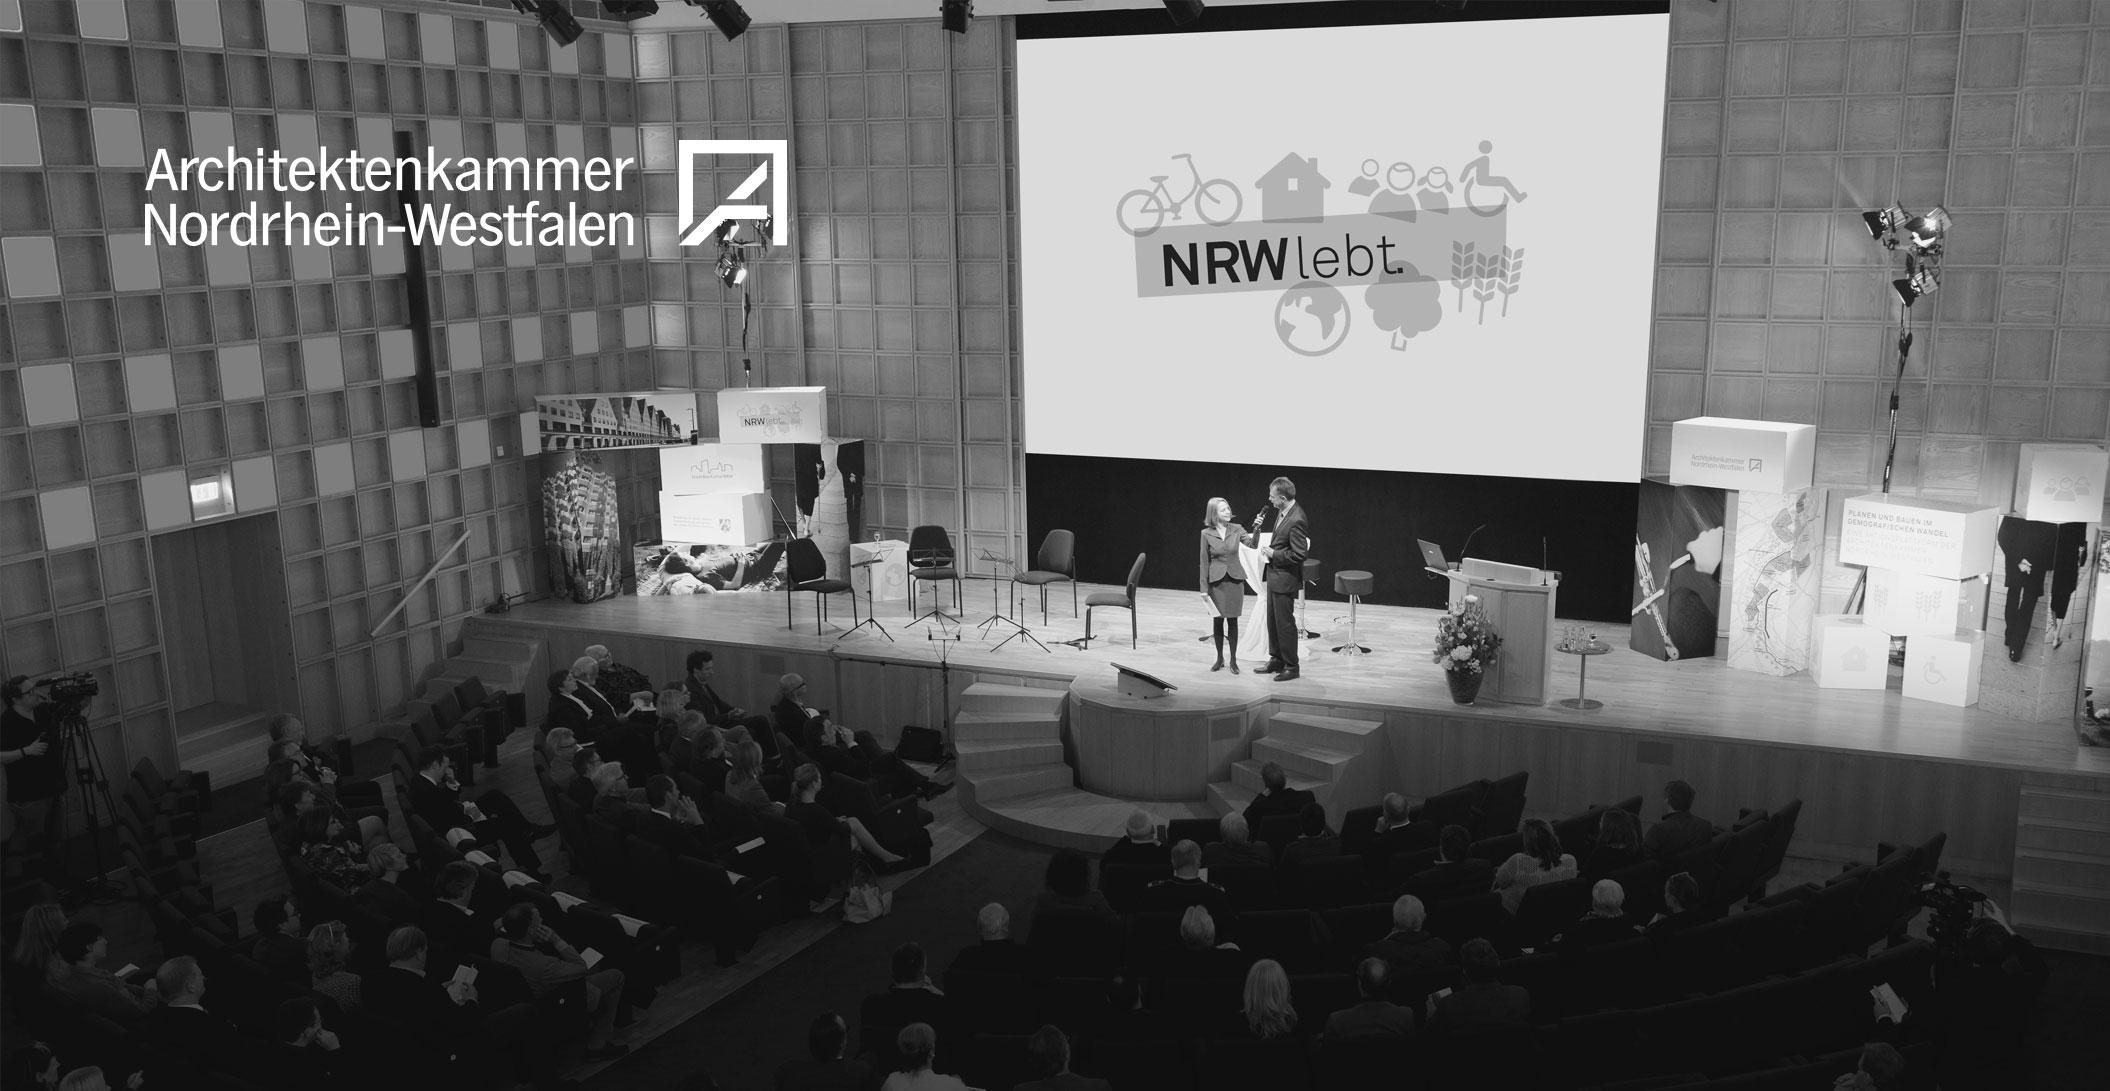 Auftaktveranstaltung in der Akademie der Wissenschaften - Architektenkammer NRW - NRW lebt.